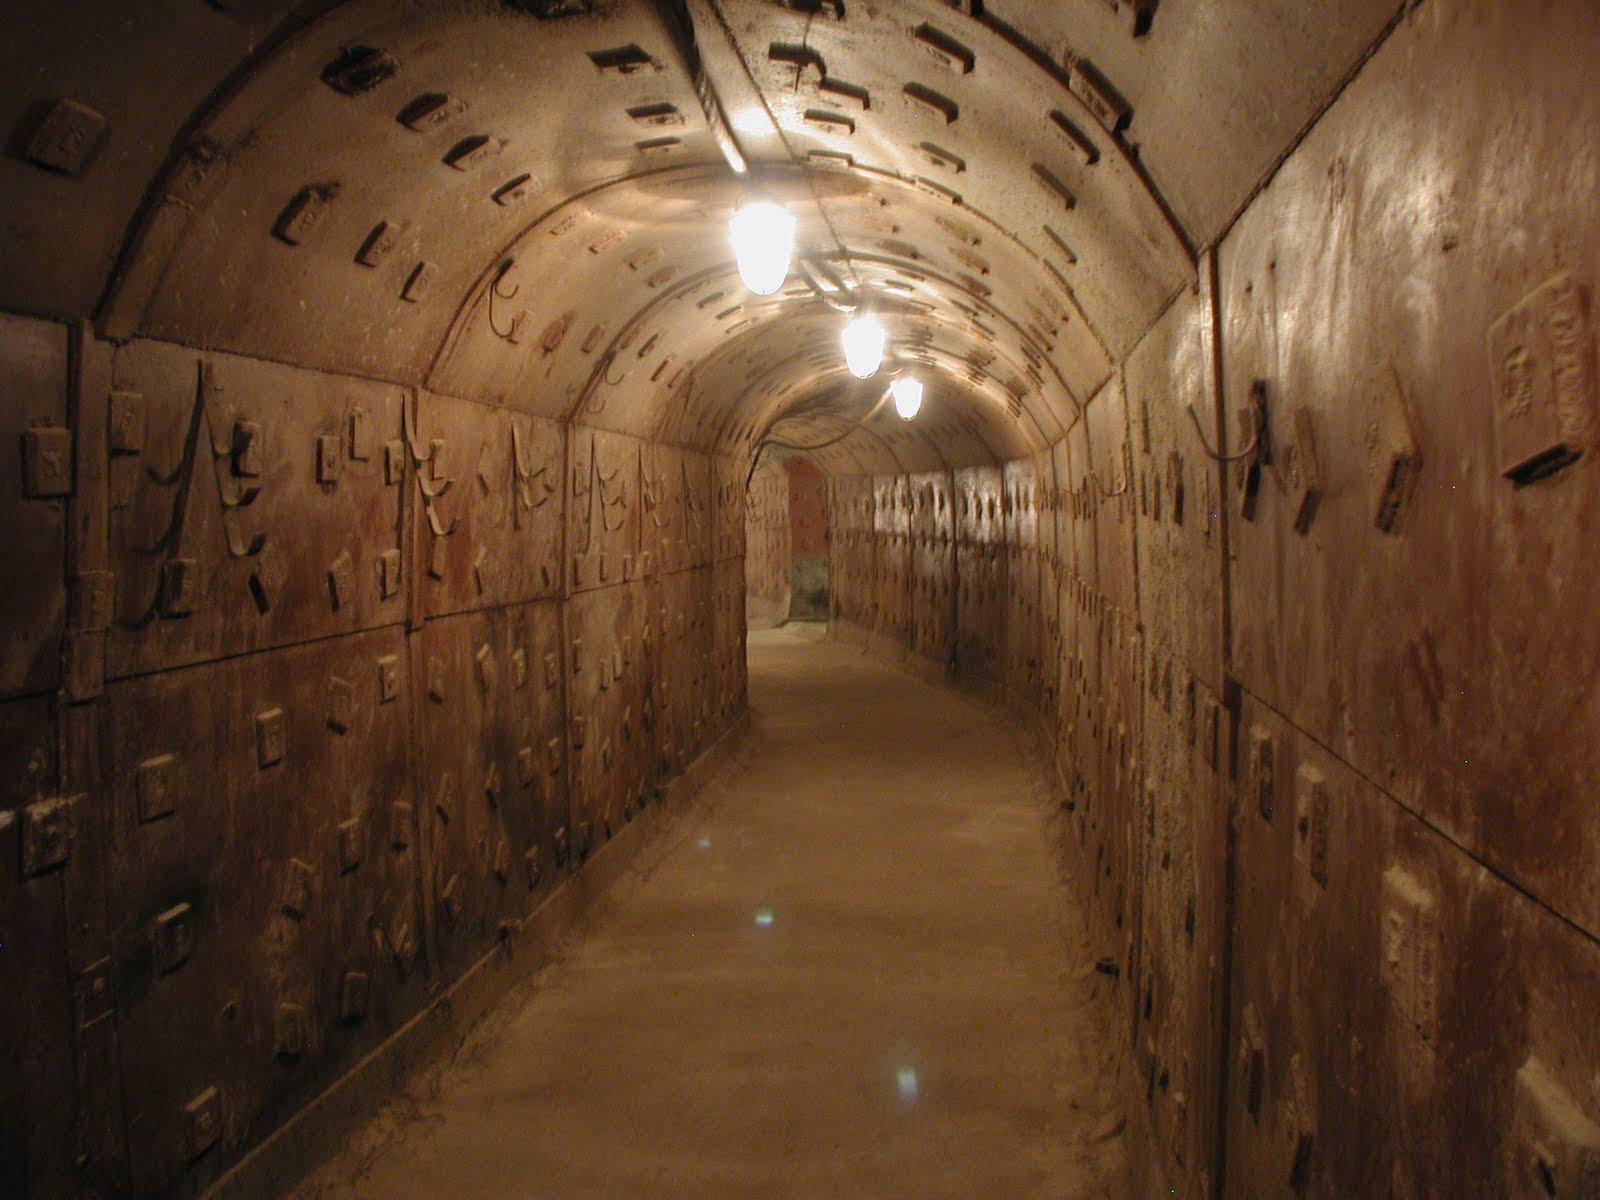 [Bunker]